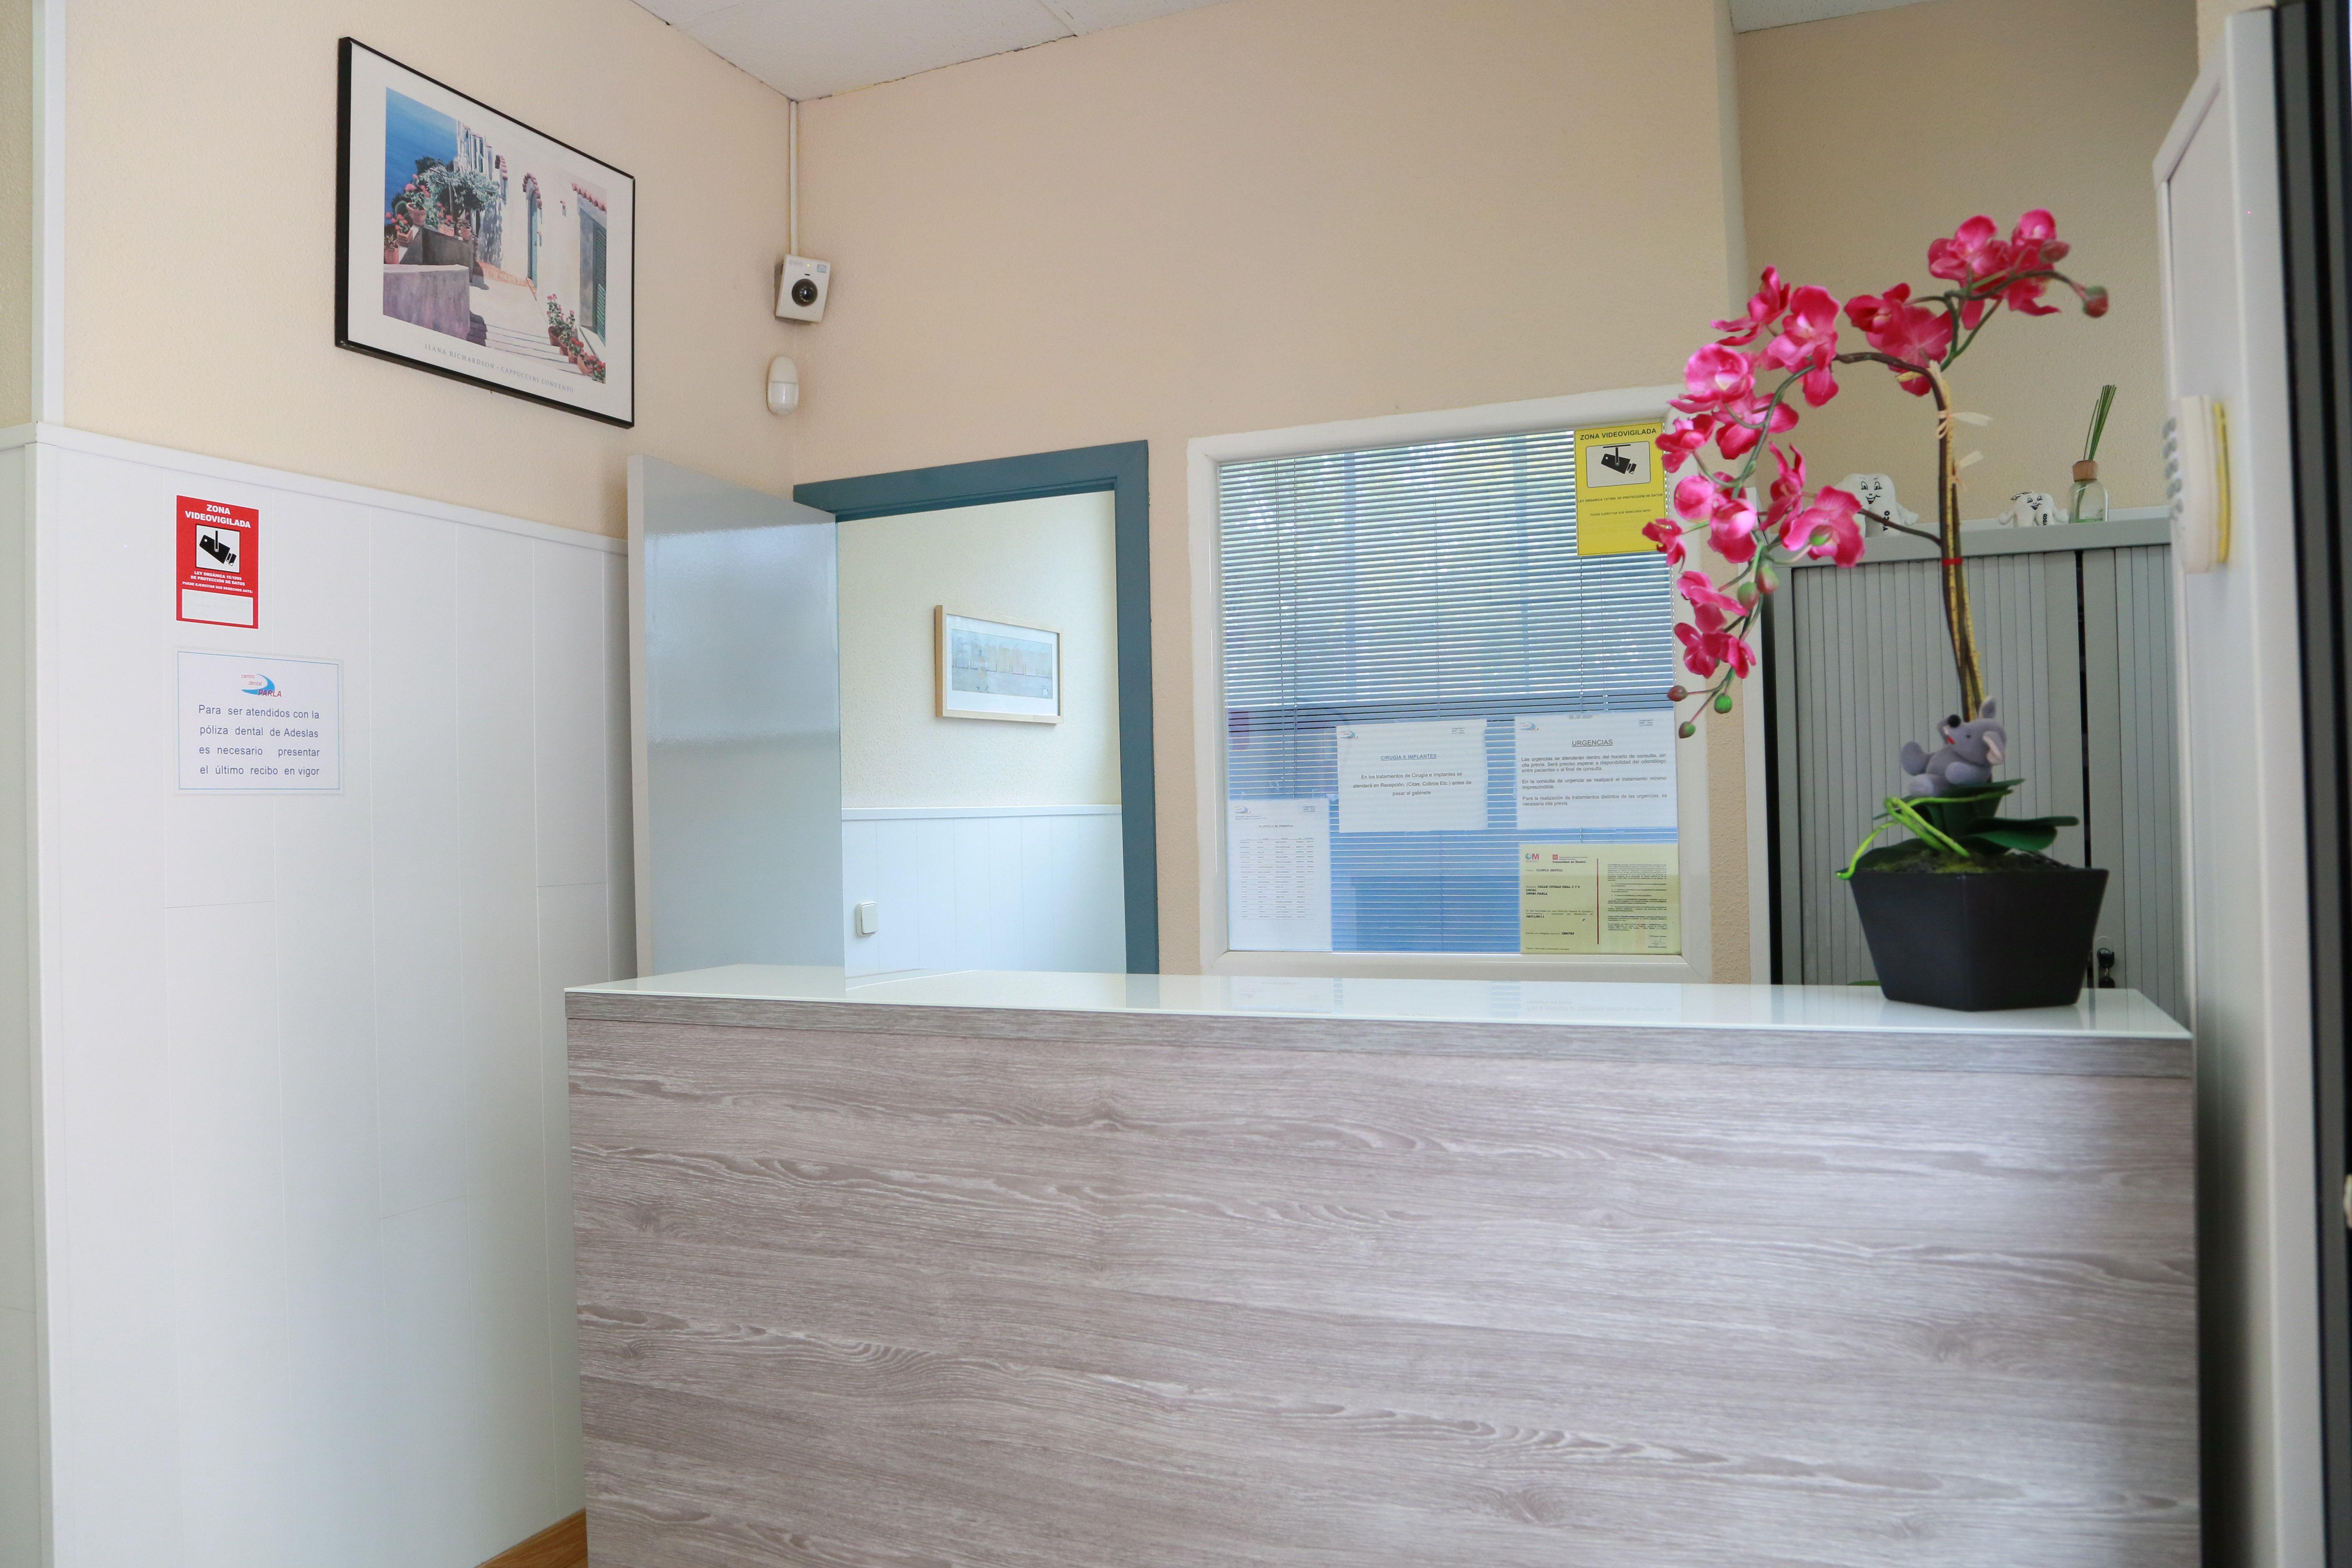 Foto 9 de Clínicas dentales en Parla | Centro Dental Parla